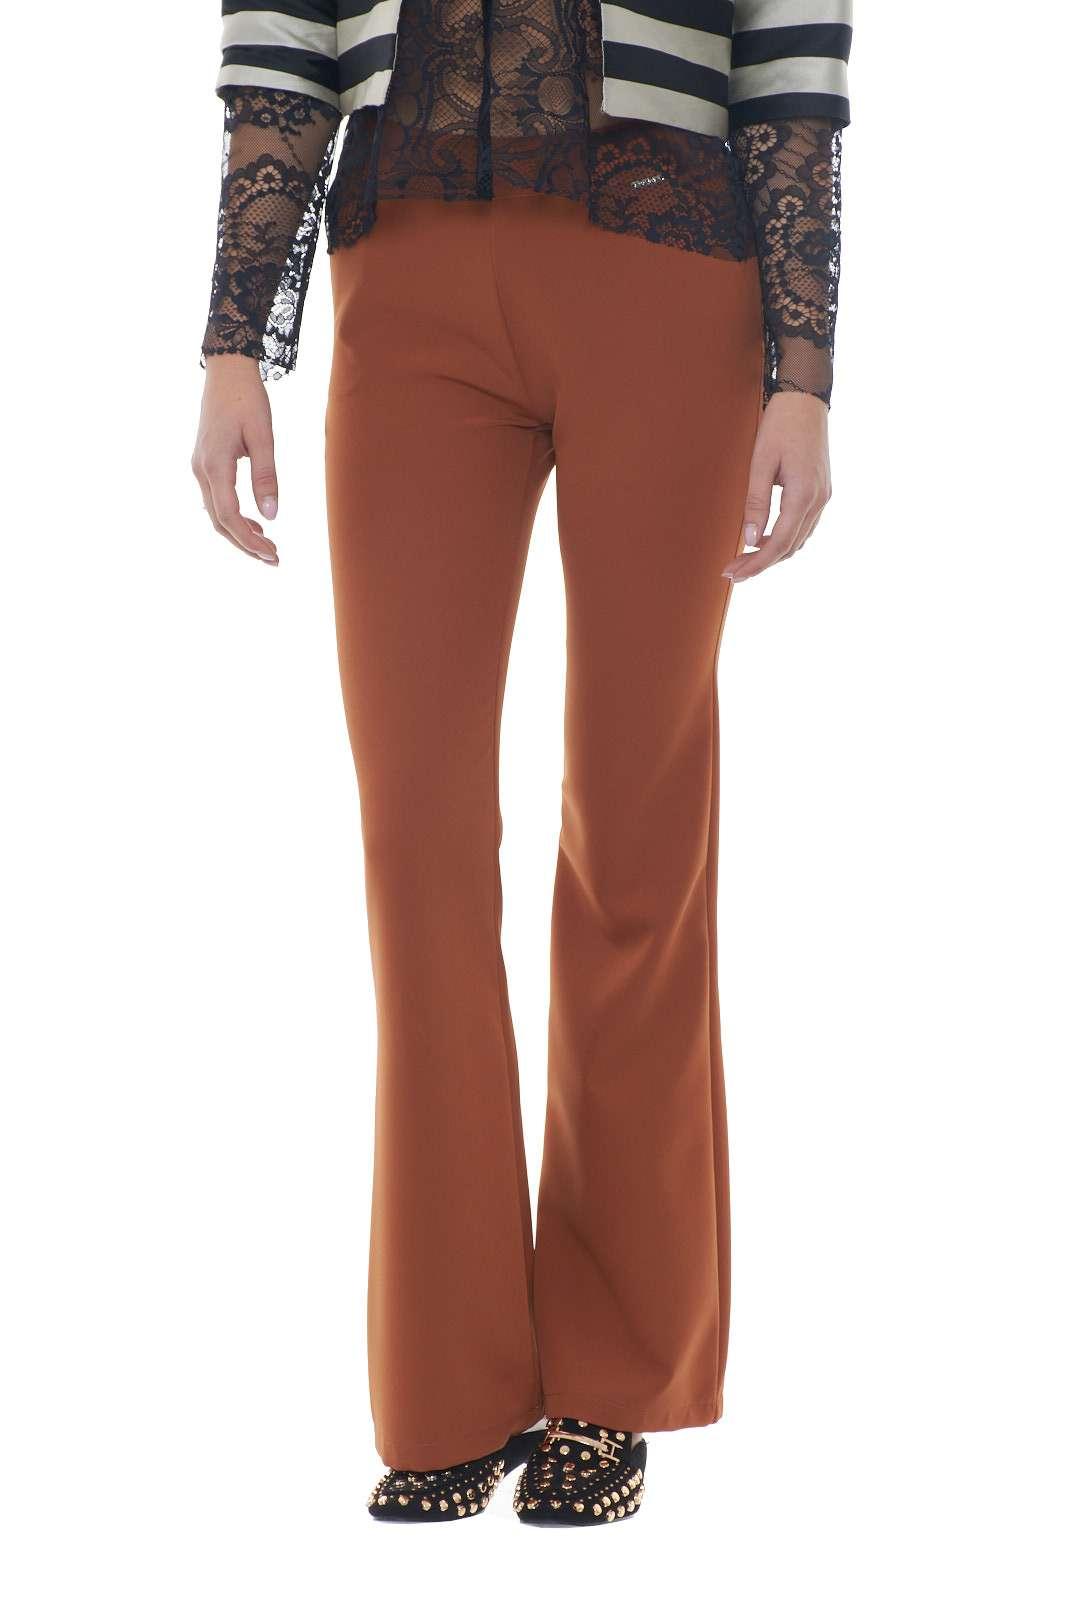 Un look vintage e retrò, che torna prepotentemente di moda, con questi pantaloni a zampa firmati Akè. Perfetti per la donna che ama uno stile formale, classico, che rivisiti gli anni passati, rivisitandoli in chiave moderna. La modella è alta 1.77m e indossa la taglia 40.